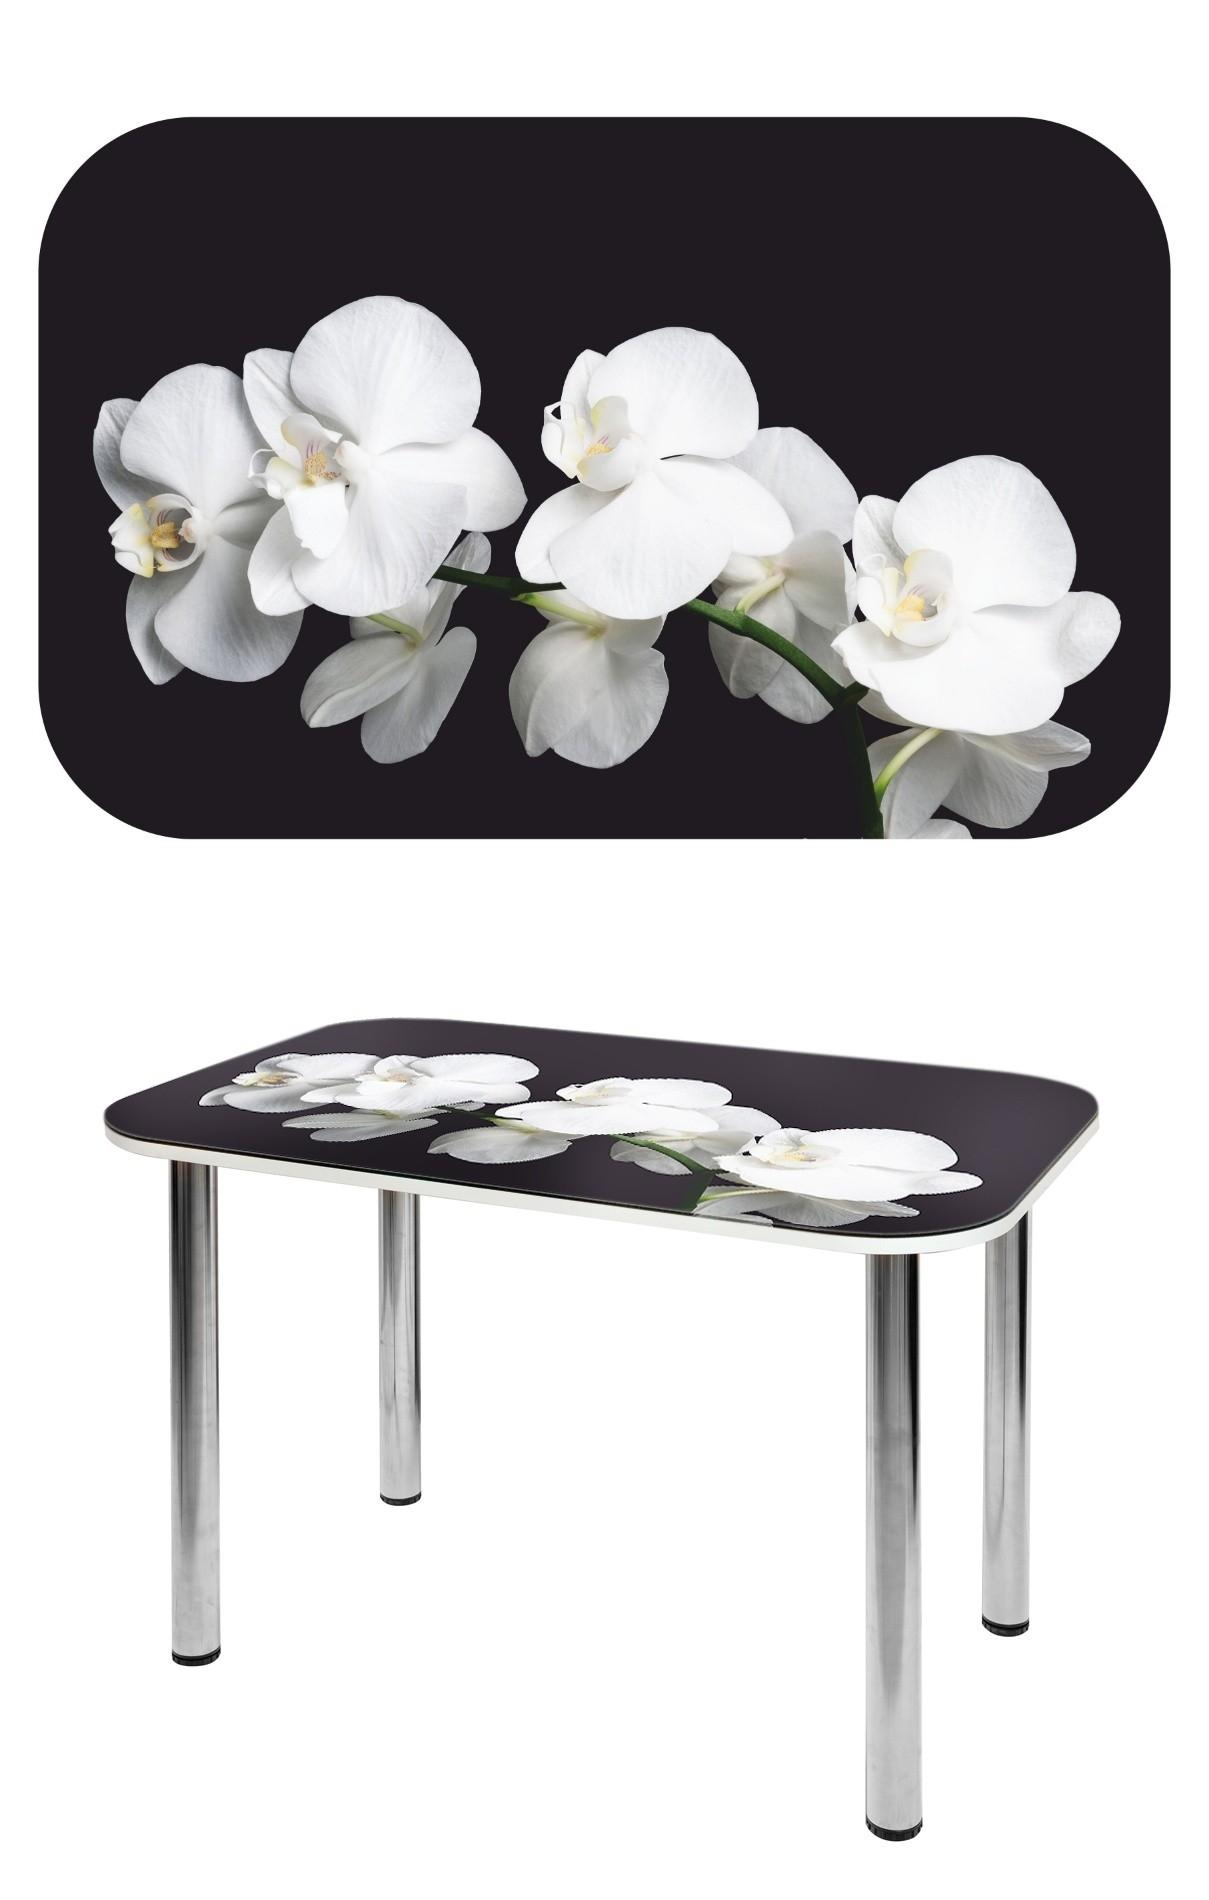 Прямоугольный стеклянный стол с белыми цветами СО-Д-02-9